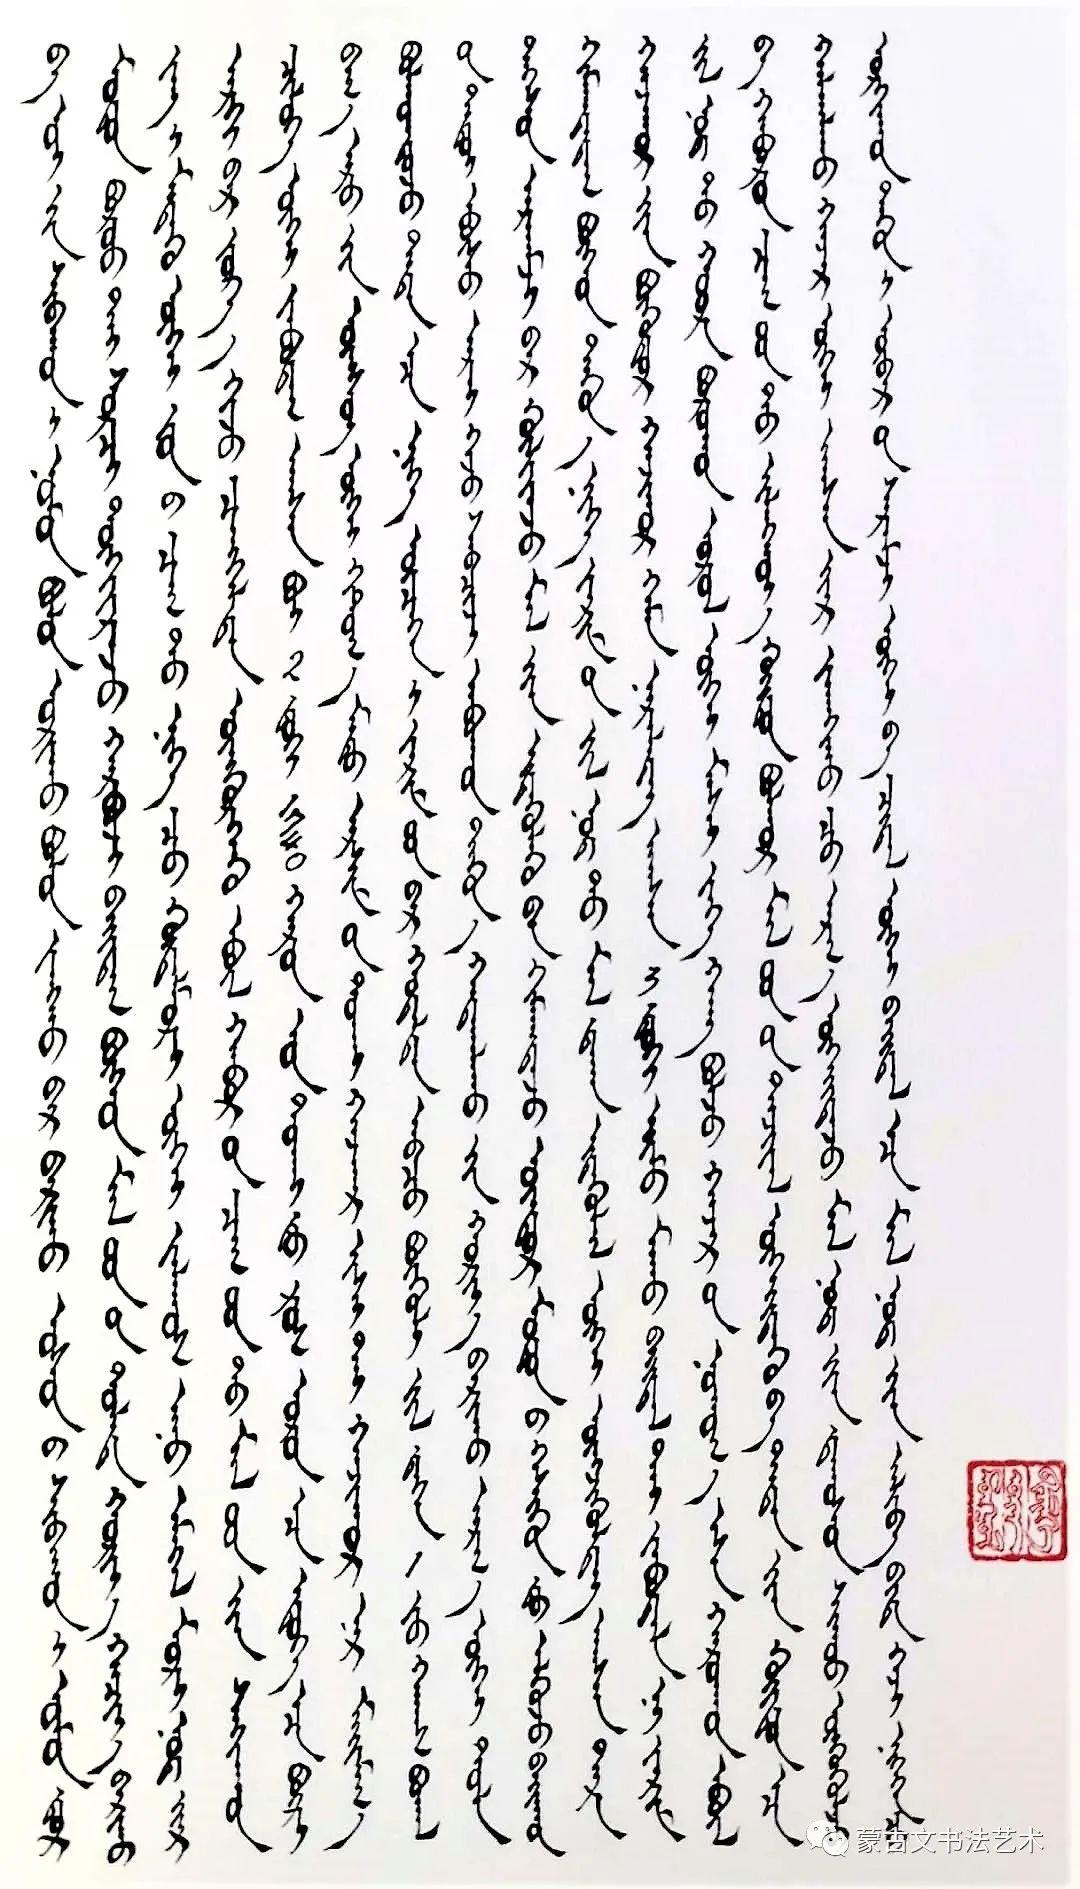 蒙古文经典文献当代书法名家手抄本之斯仁巴图《布里亚特史》 第6张 蒙古文经典文献当代书法名家手抄本之斯仁巴图《布里亚特史》 蒙古书法